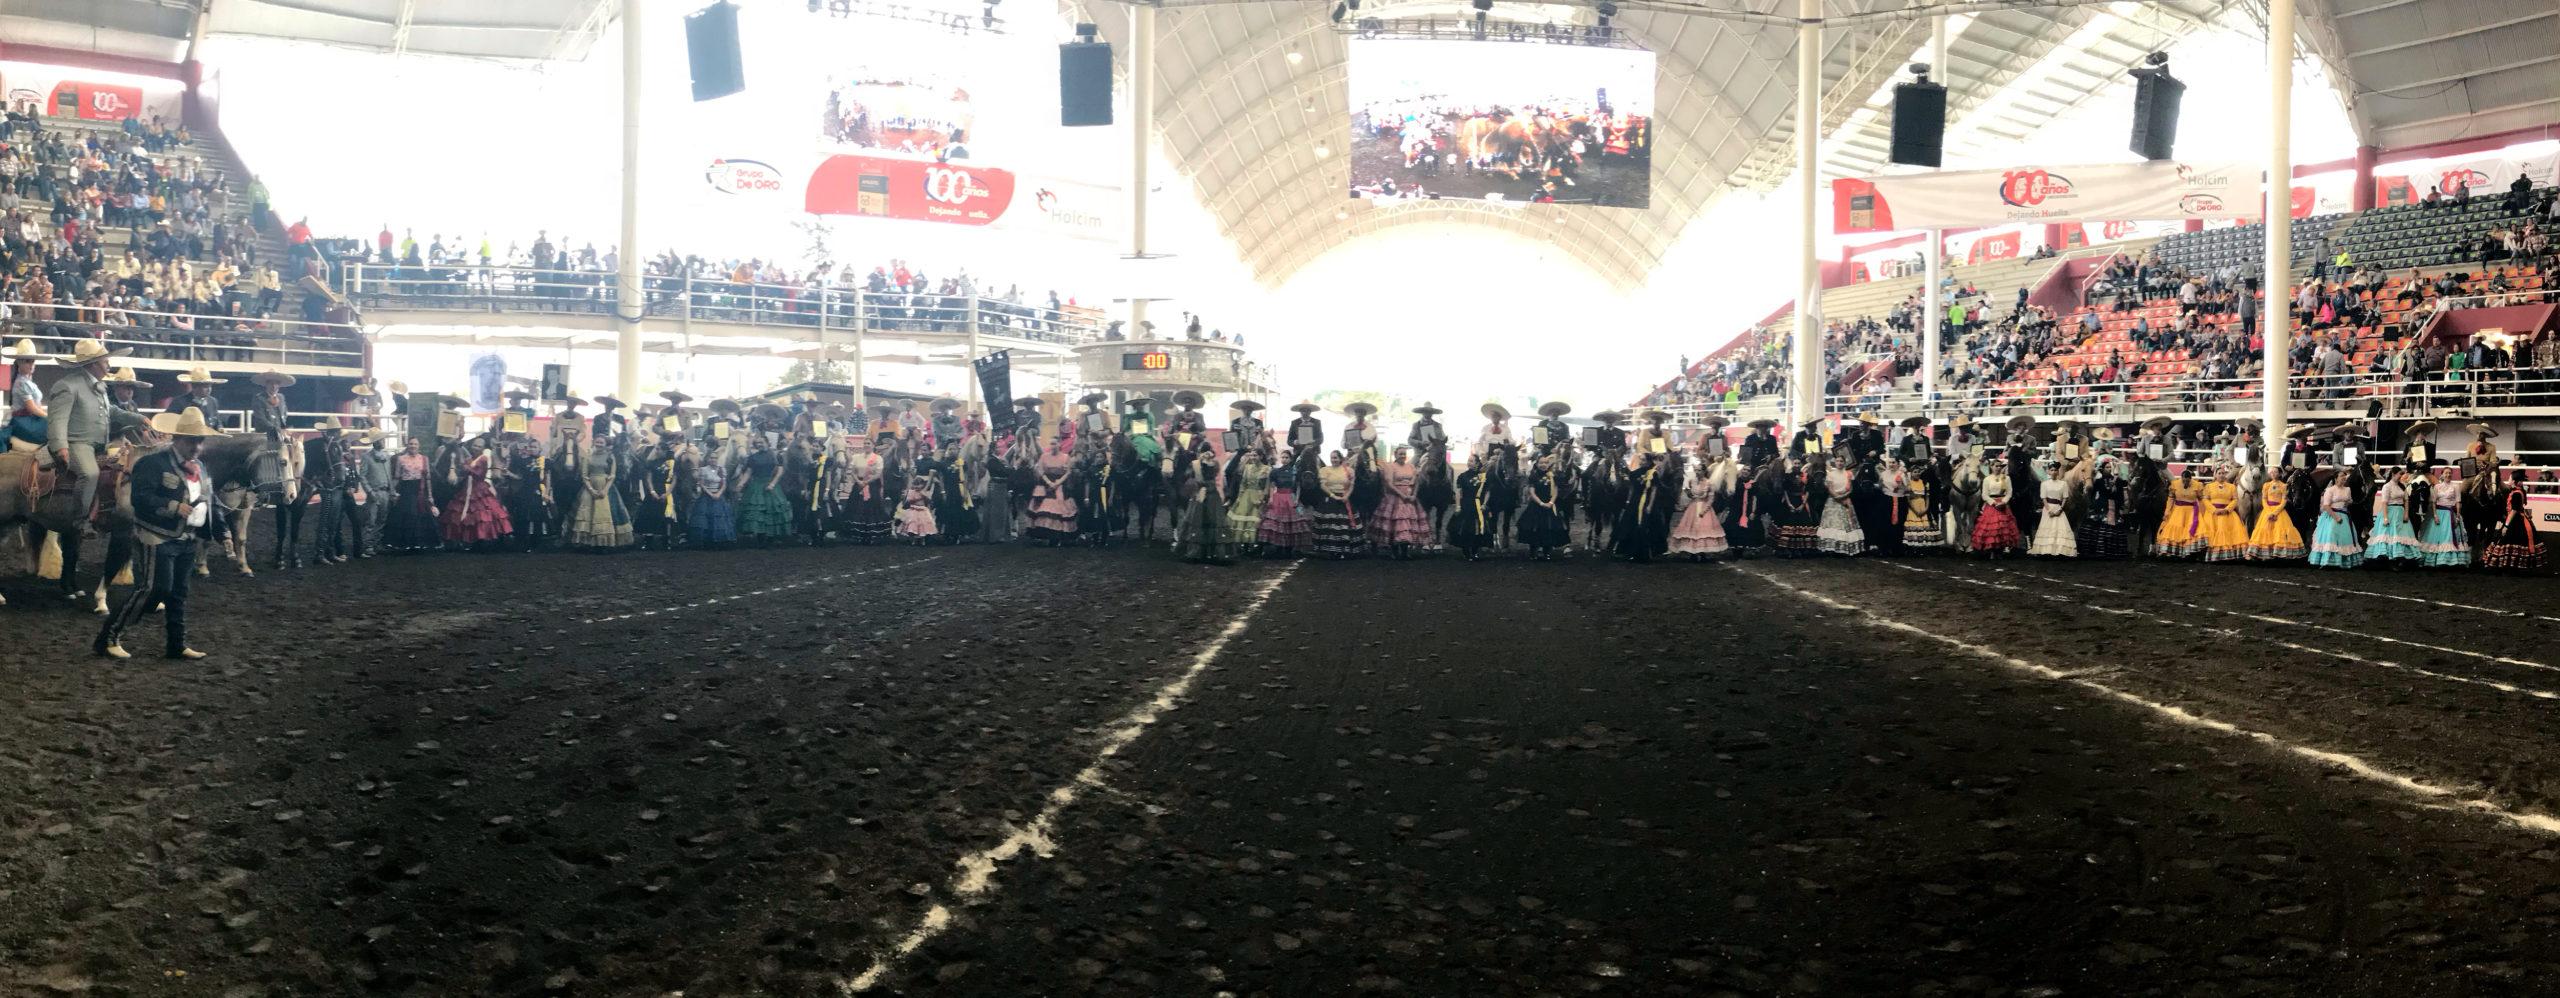 Los campeones nacionales charros completos desfilaron a caballo y recibieron el homenaje de la afición